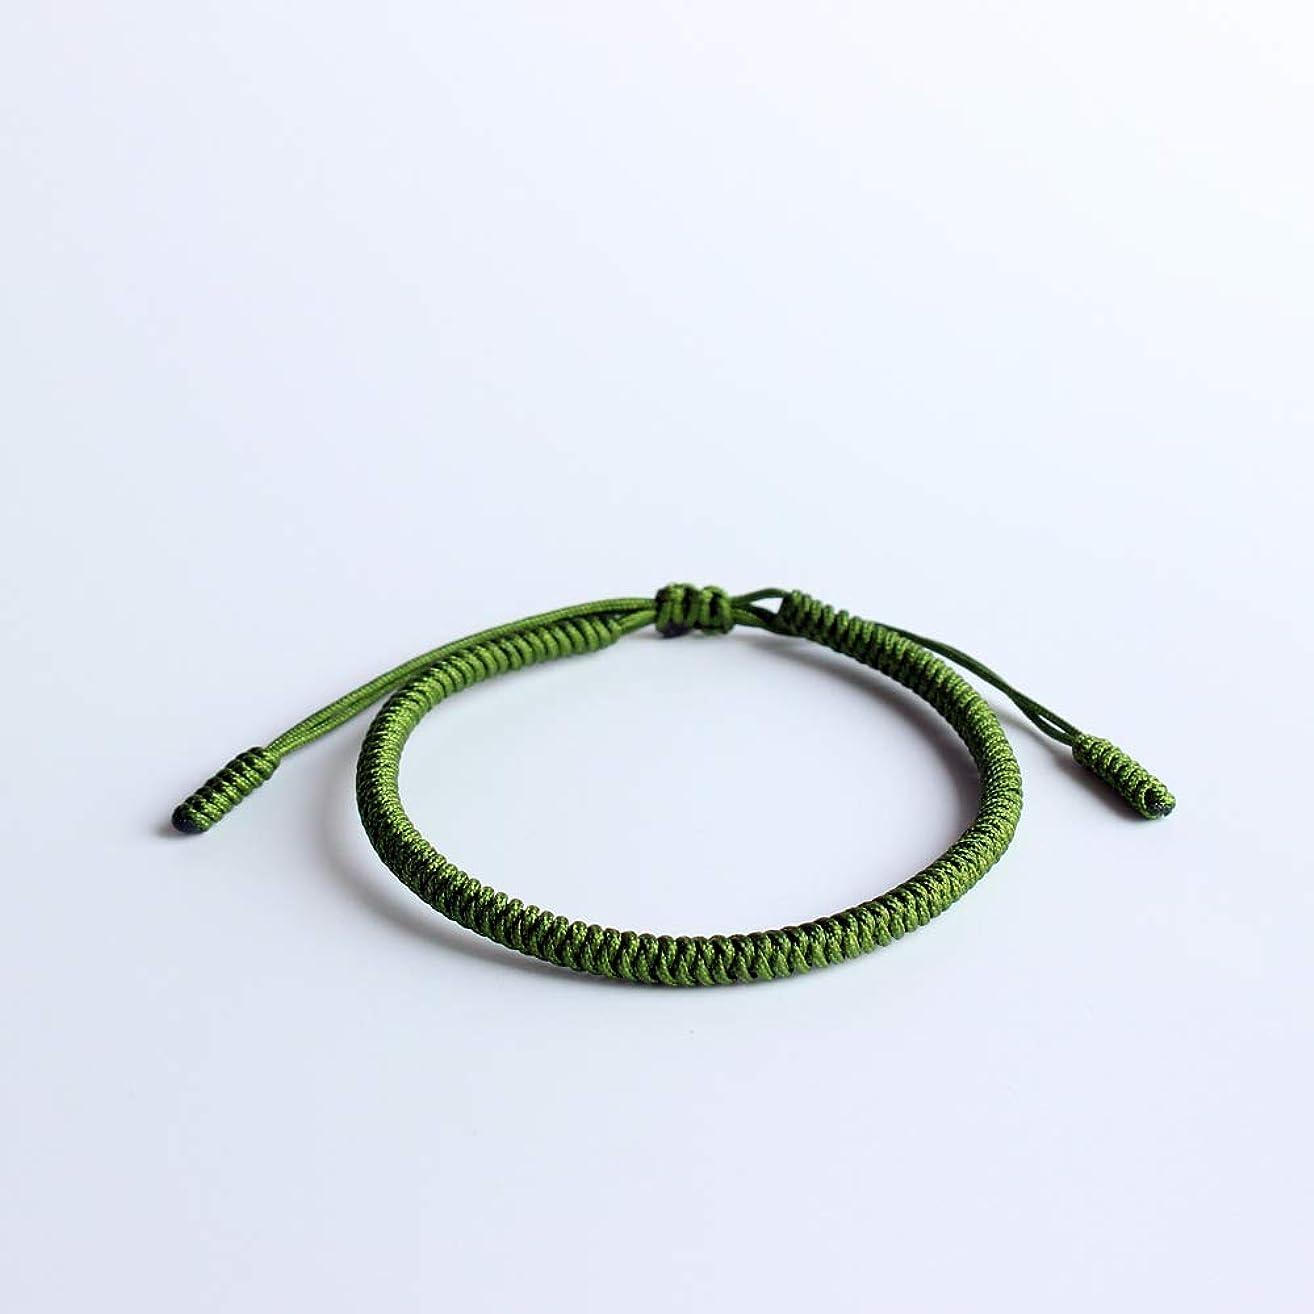 Tibetan Buddhist Lucky Charm Tibetan Bracelets & Bangles For Women Men Handmade Knots Green Rope Amulet Gift Bracelet